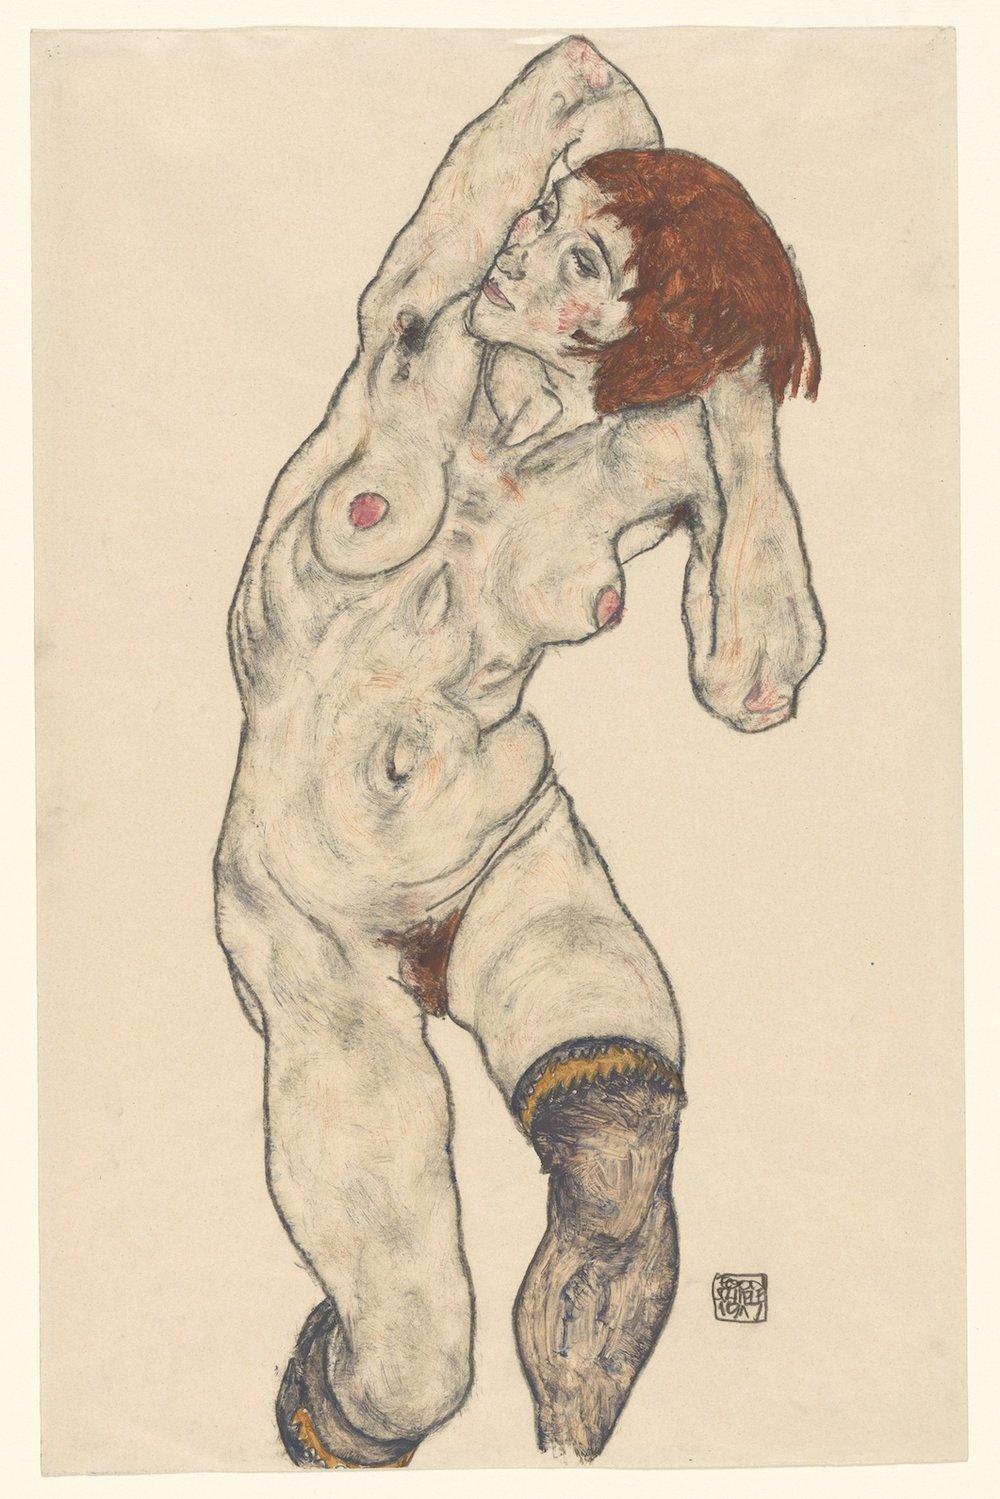 Egon Schiele / Standing nude in black stockings / Watercolor and charcoal on paper (Acquerello e matita su carta) / 1917